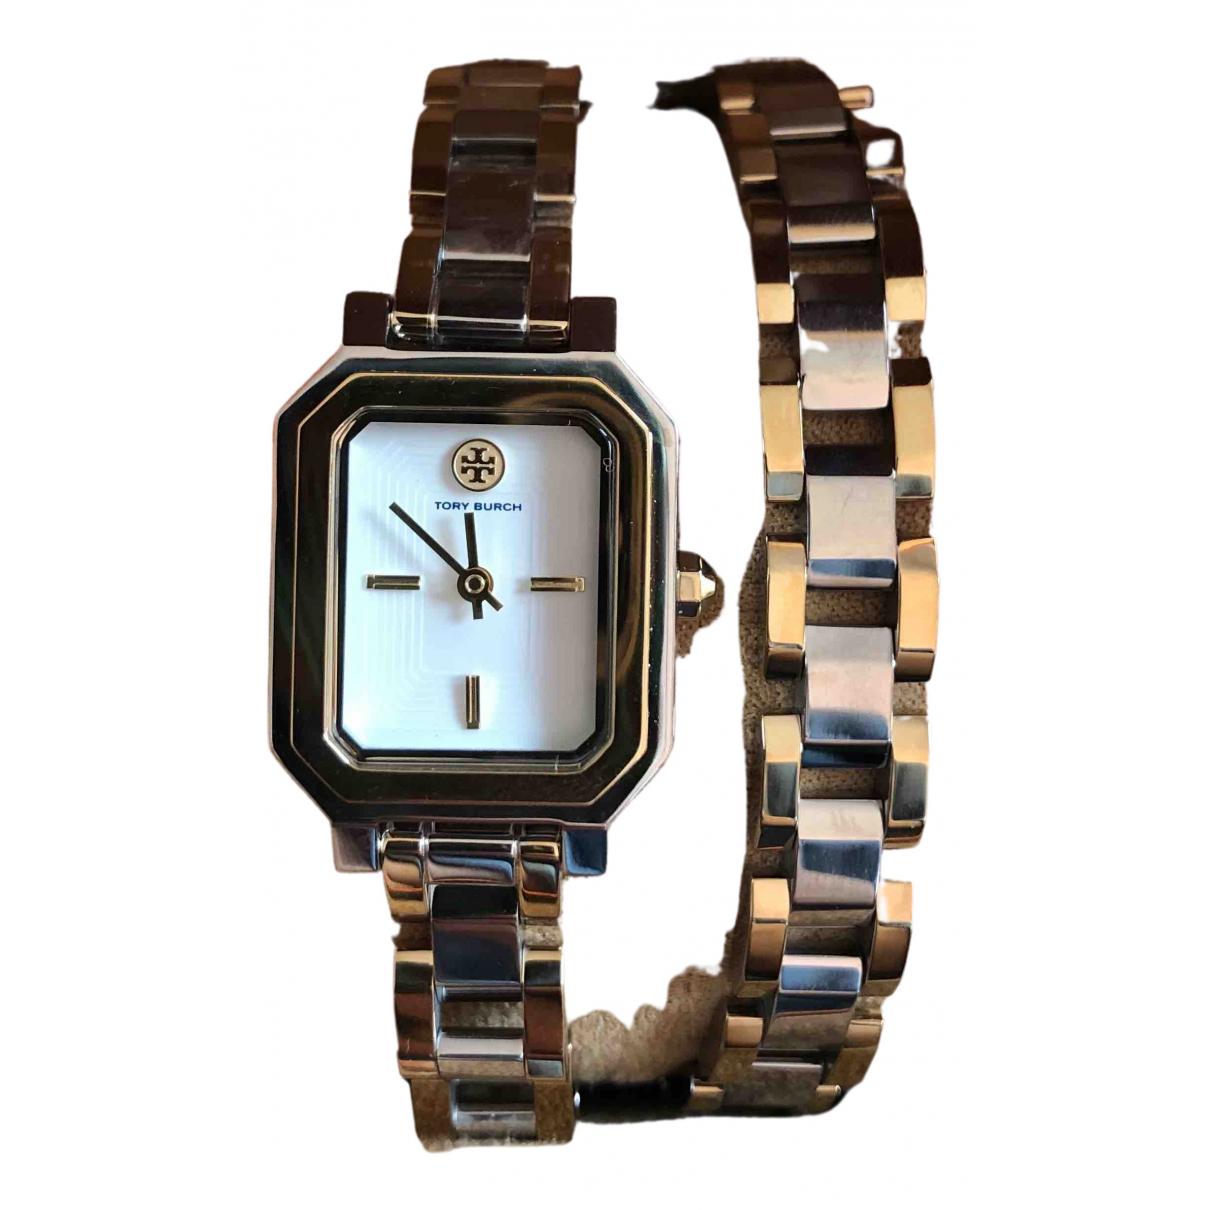 Reloj Tory Burch